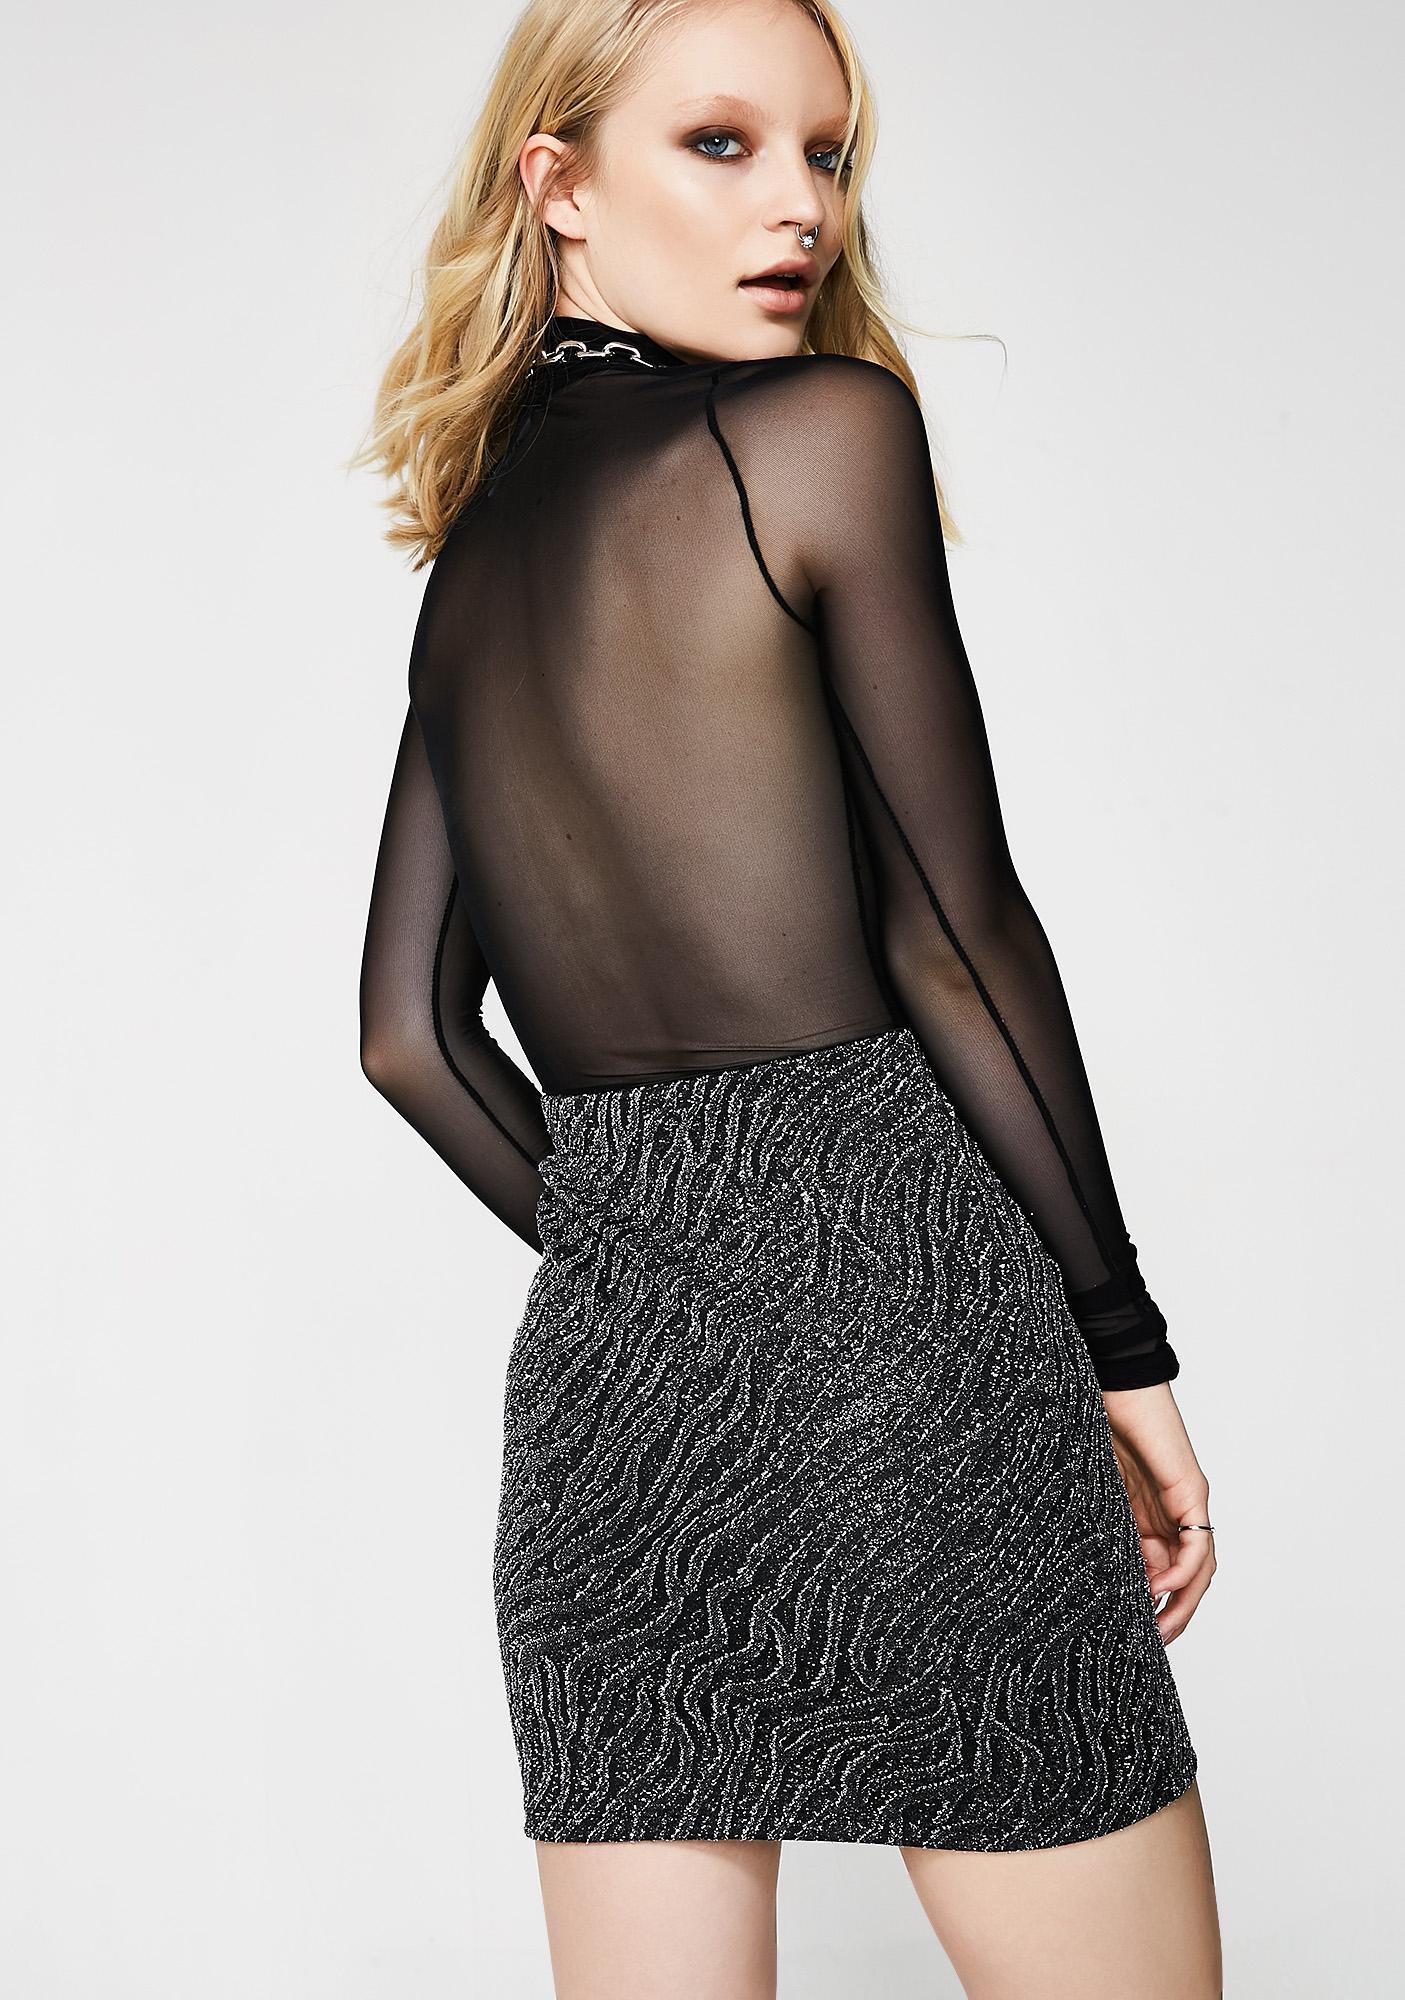 Kiki Riki Swervin' Swirl Skirt